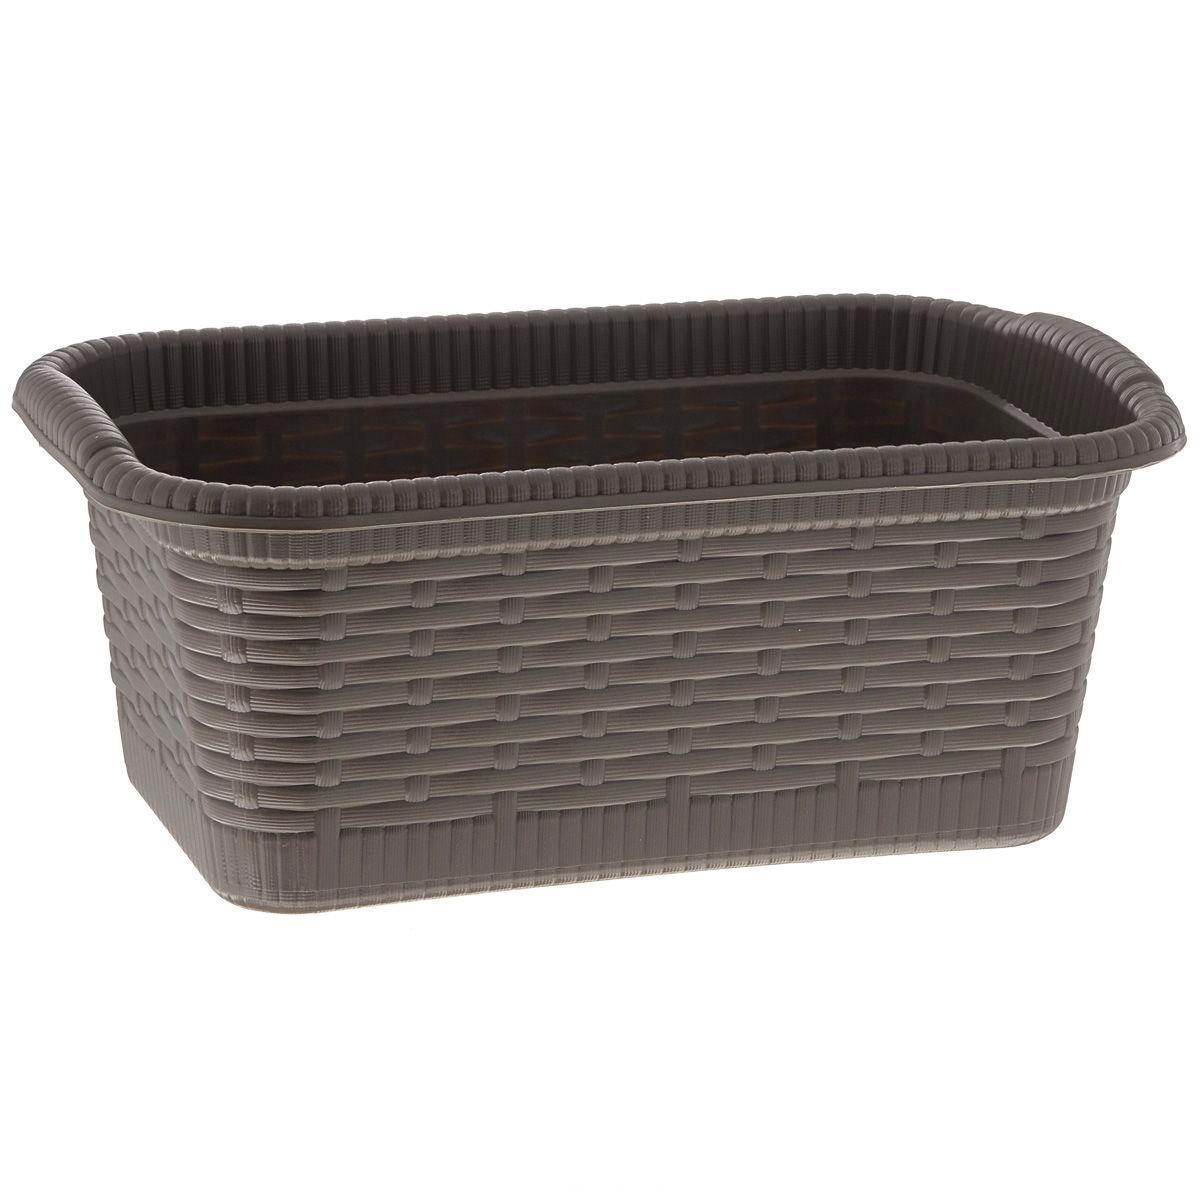 Корзина Gensini Rattan, цвет: коричневый, 3 л3322Корзина Gensini Rattan, изготовленная из прочного пластика, предназначена для хранения мелочей в ванной, на кухне, даче или гараже. Легкая корзина со сплошным дном позволяет хранить мелкие вещи, исключая возможность их потери.